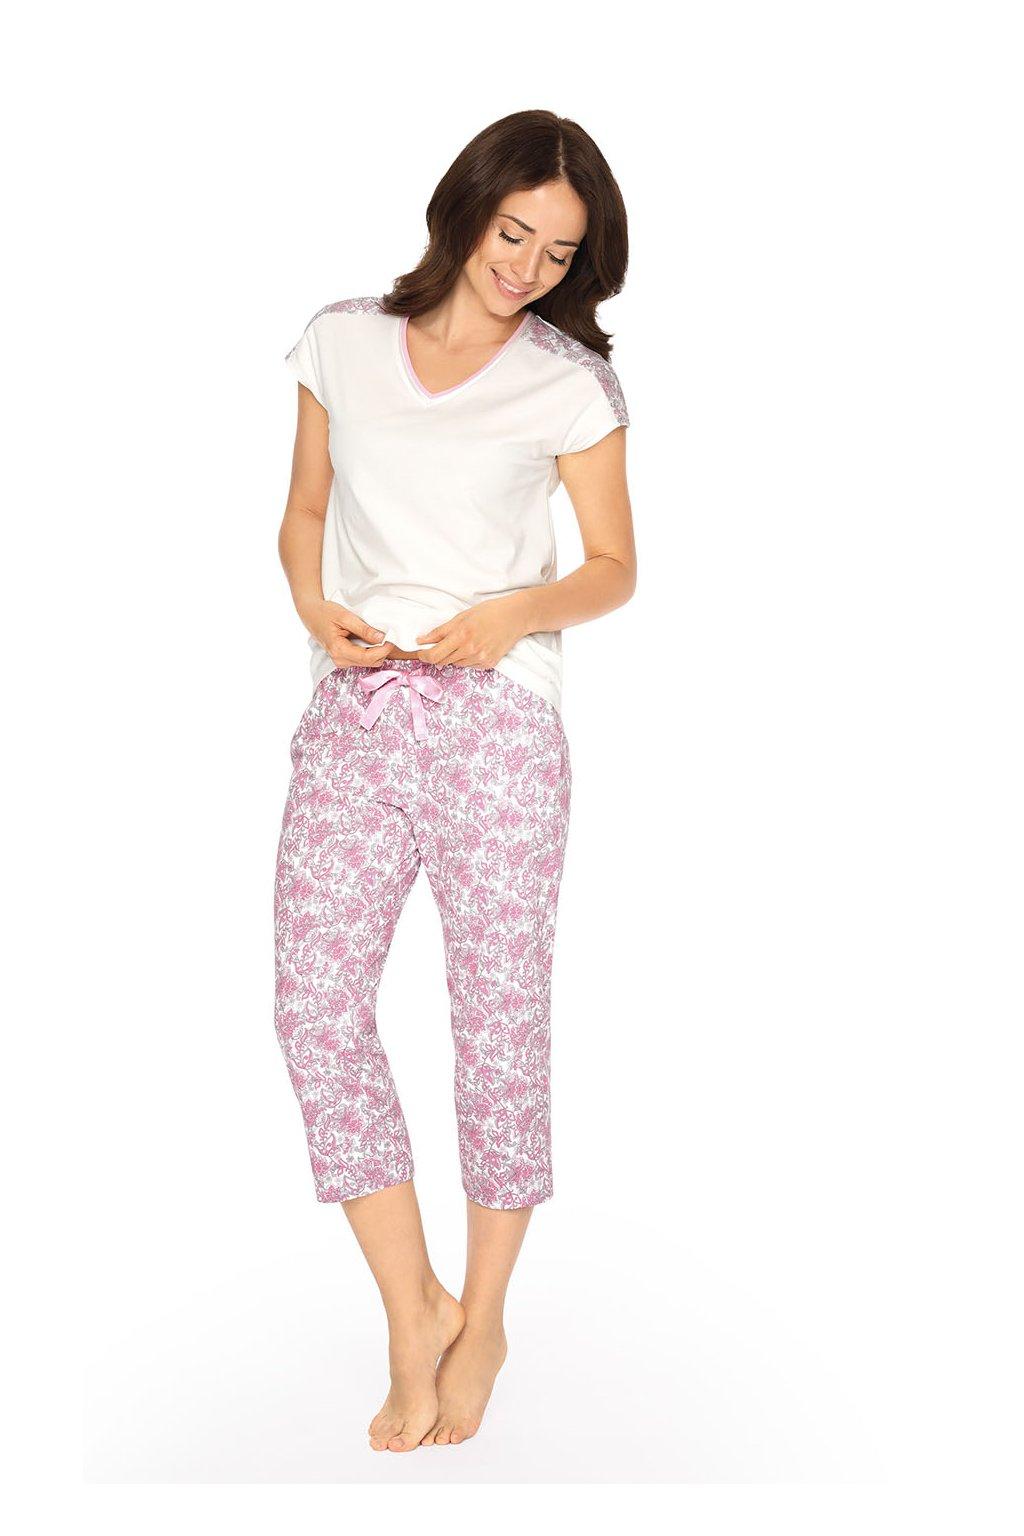 Dámské pyžamo s krátkým rukávem a 3/4 nohavicemi, 104514 84, smetanová